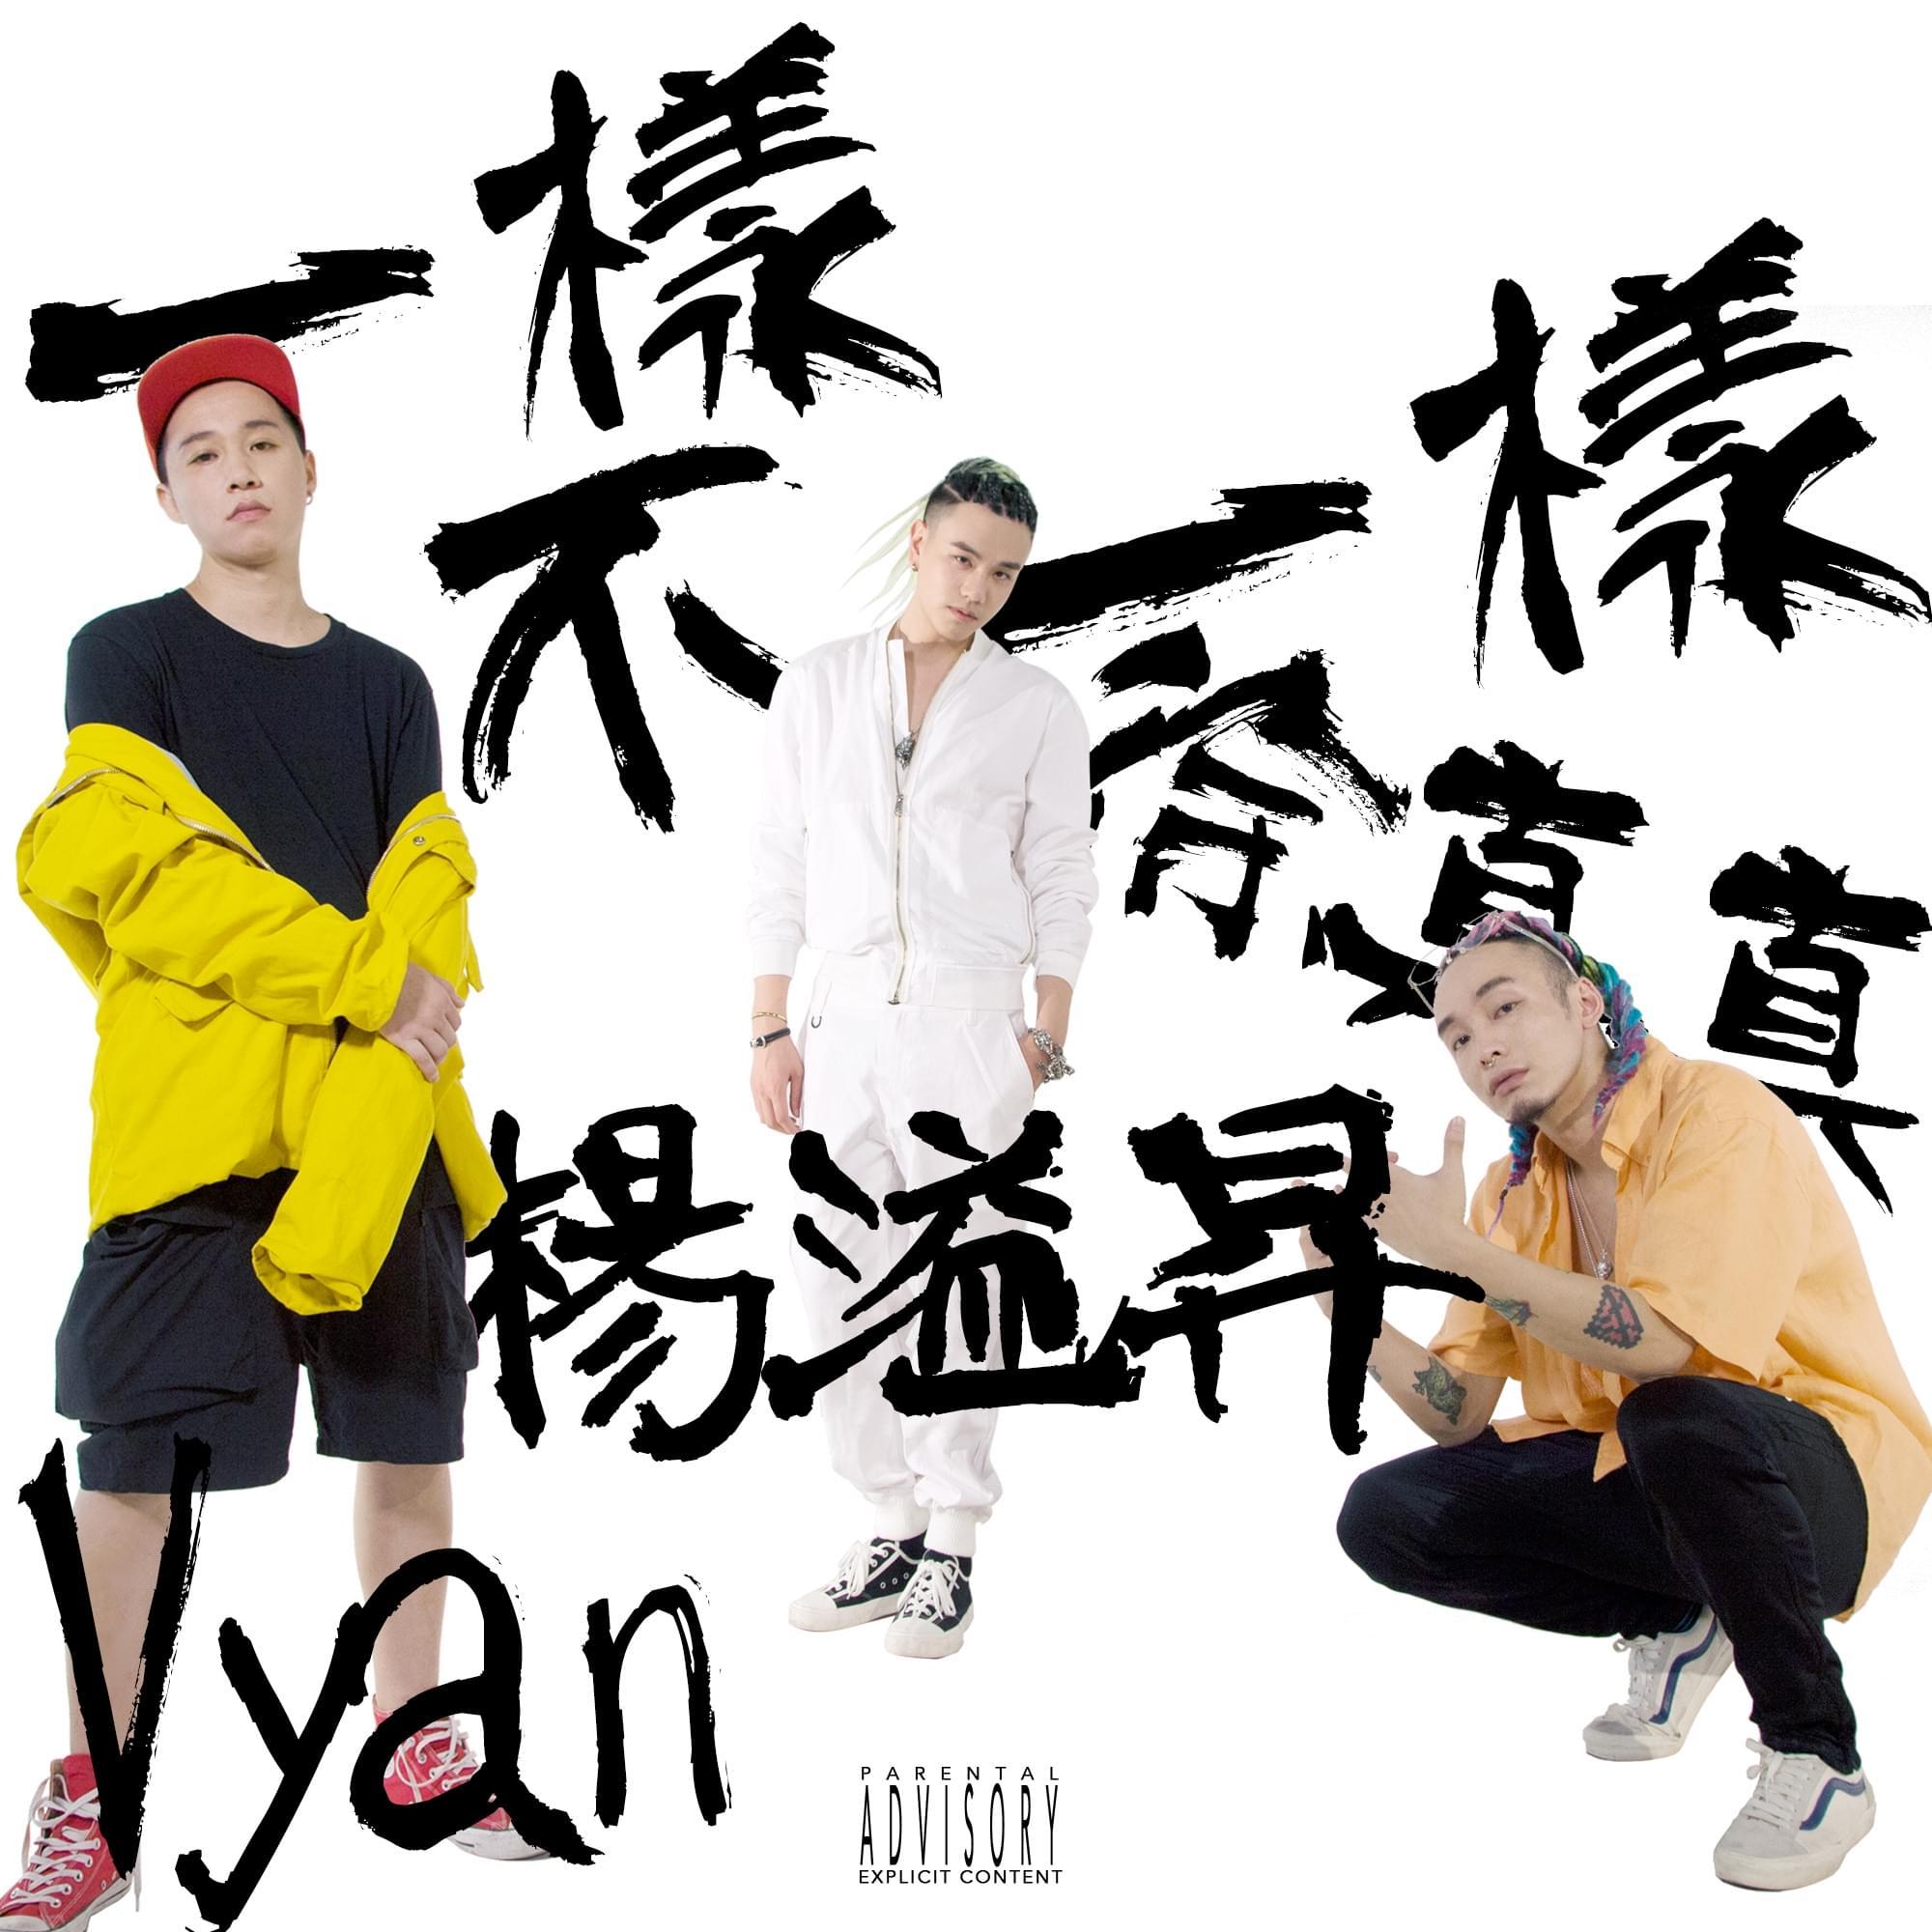 徐真真联手杨溢升、Vyan推出新单曲diss抄袭门